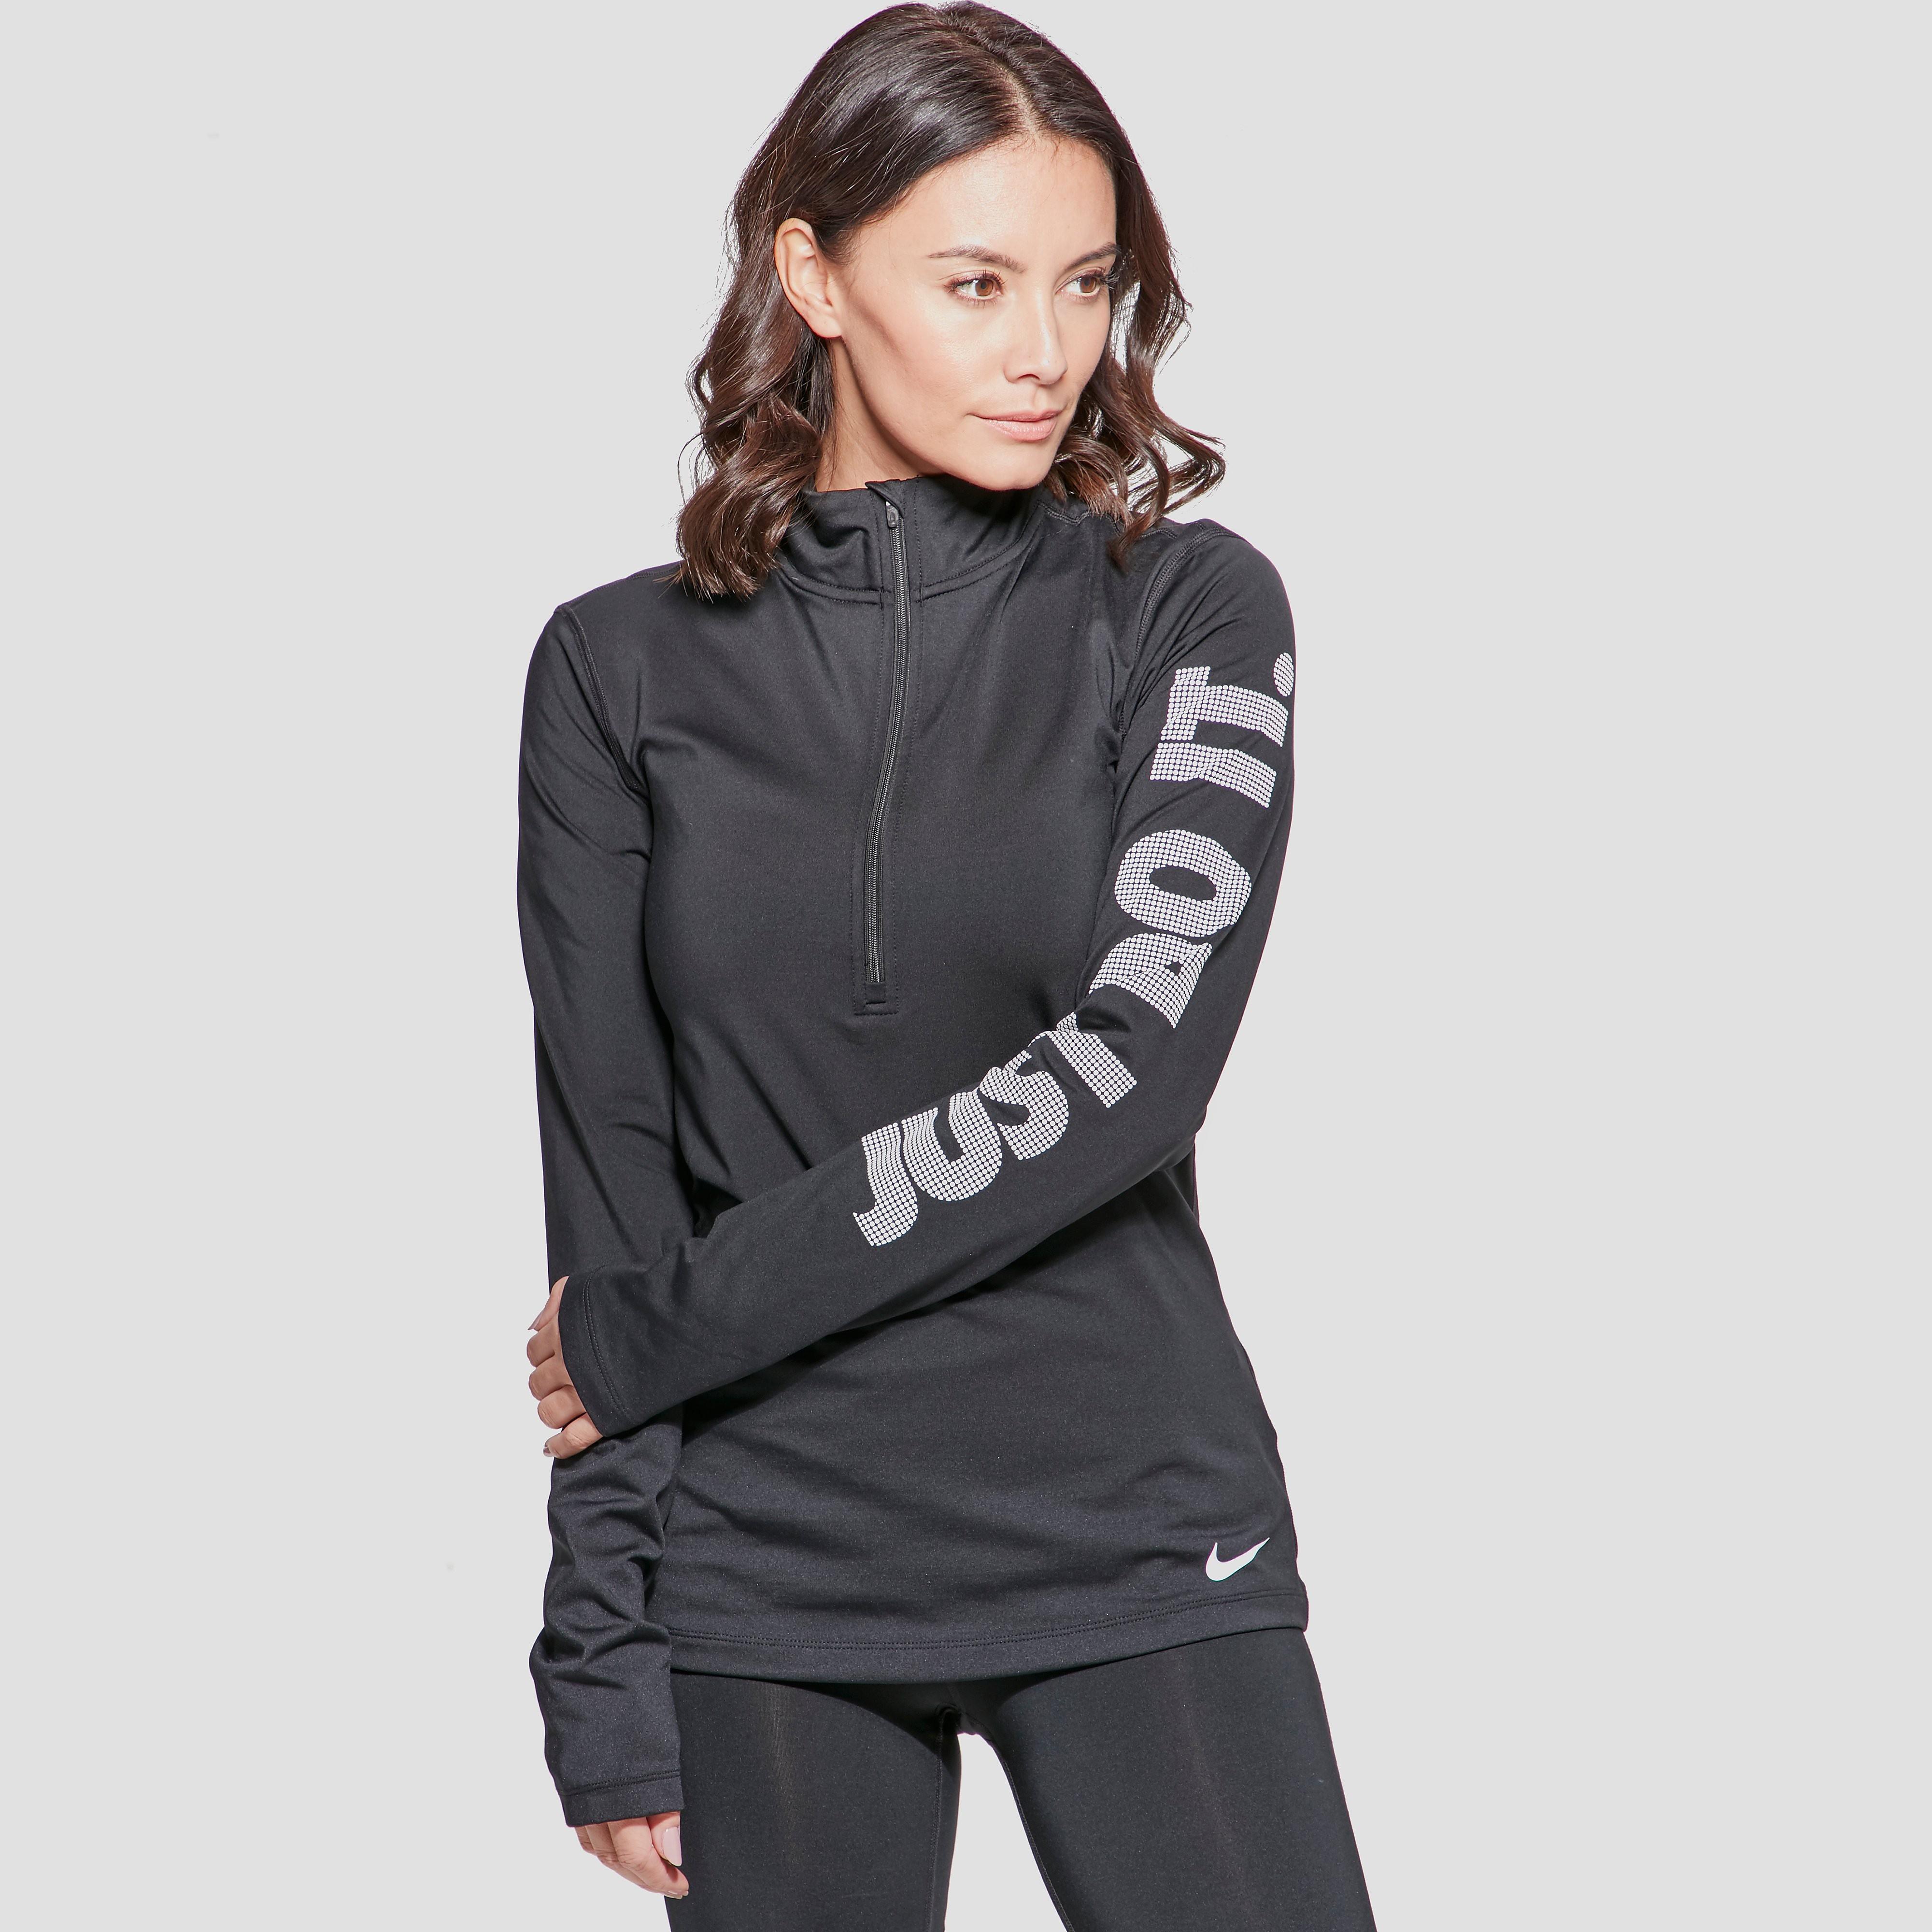 Nike Pro Warm Women's Half Zip Top